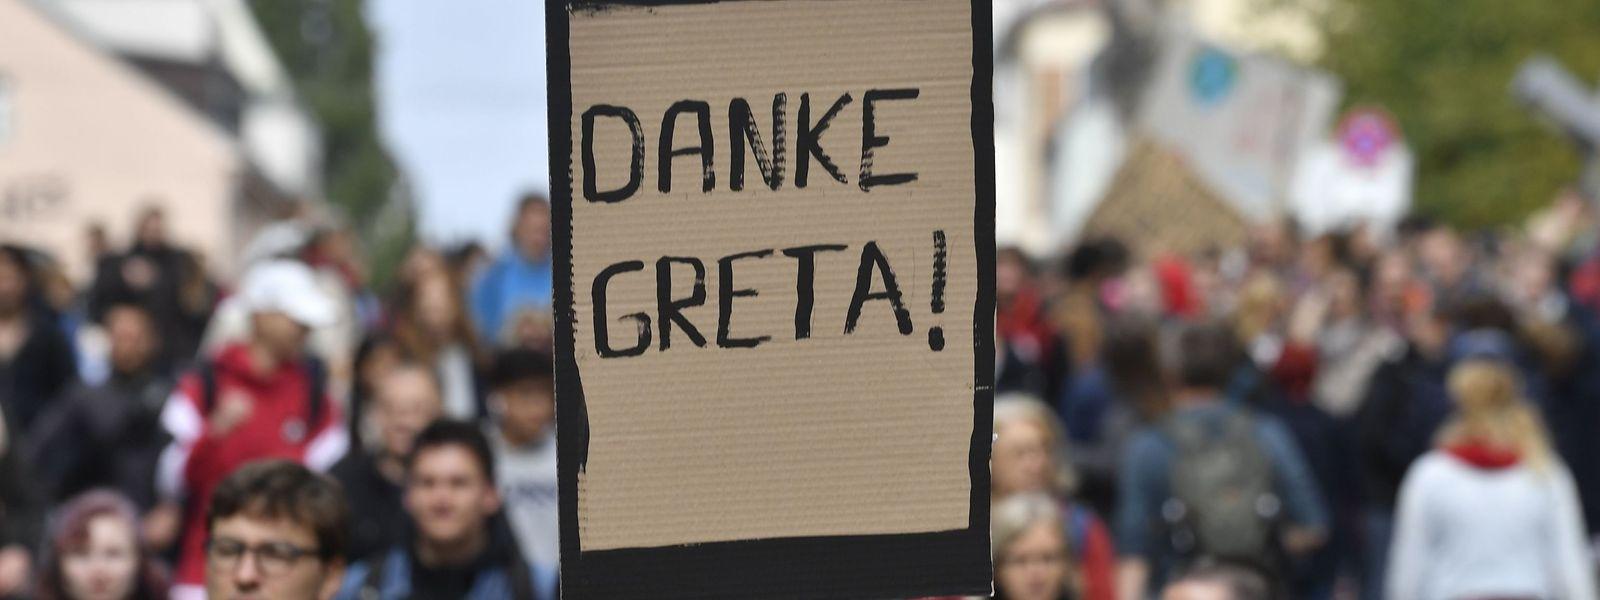 Mobilisiert die Massen: Greta Thunberg, die Klimakämpferin aus Schweden.